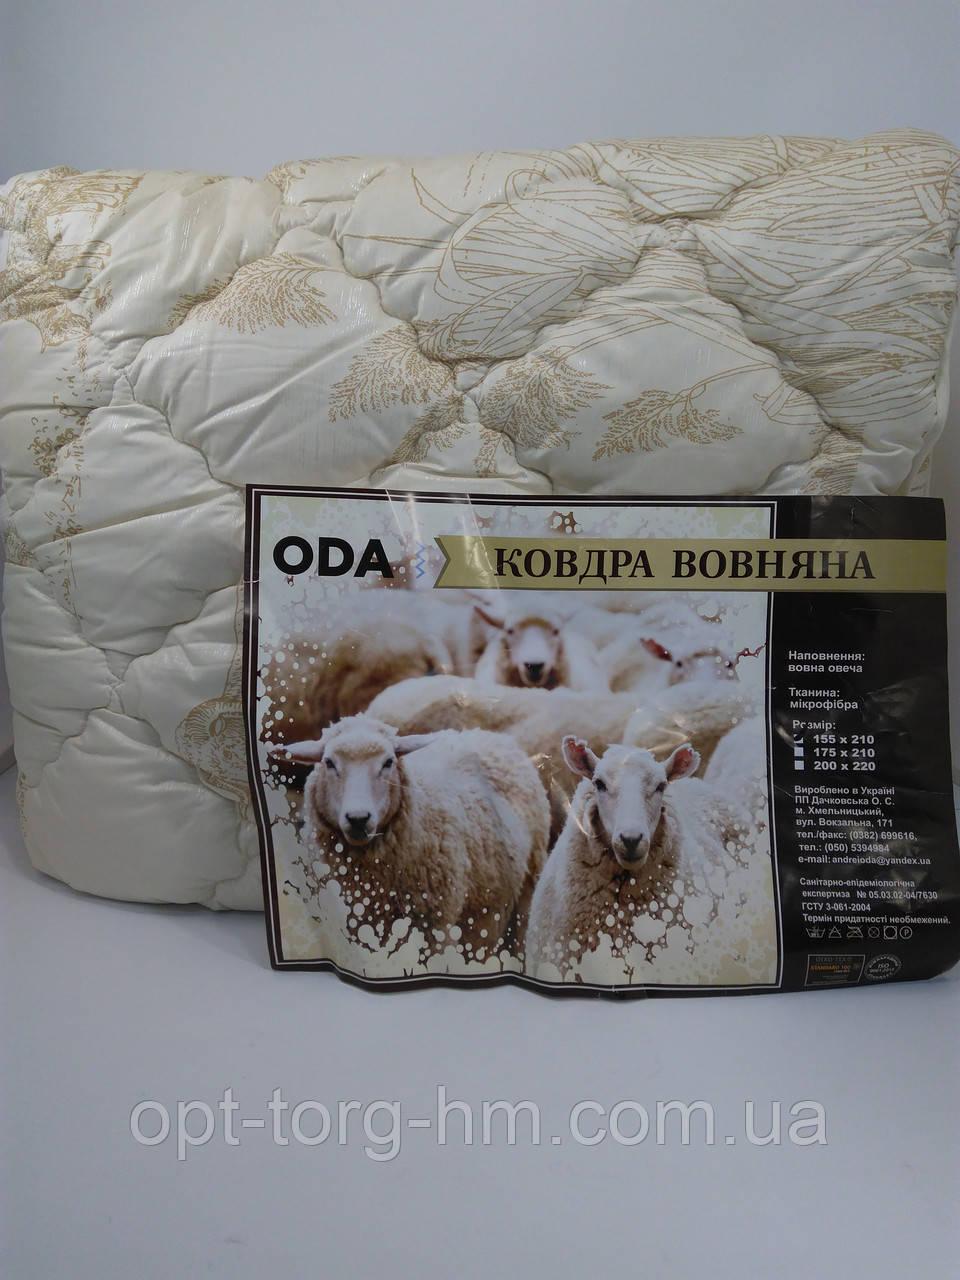 Одеяло 155*215 ОДА Овечья шерсть (микрофибра)